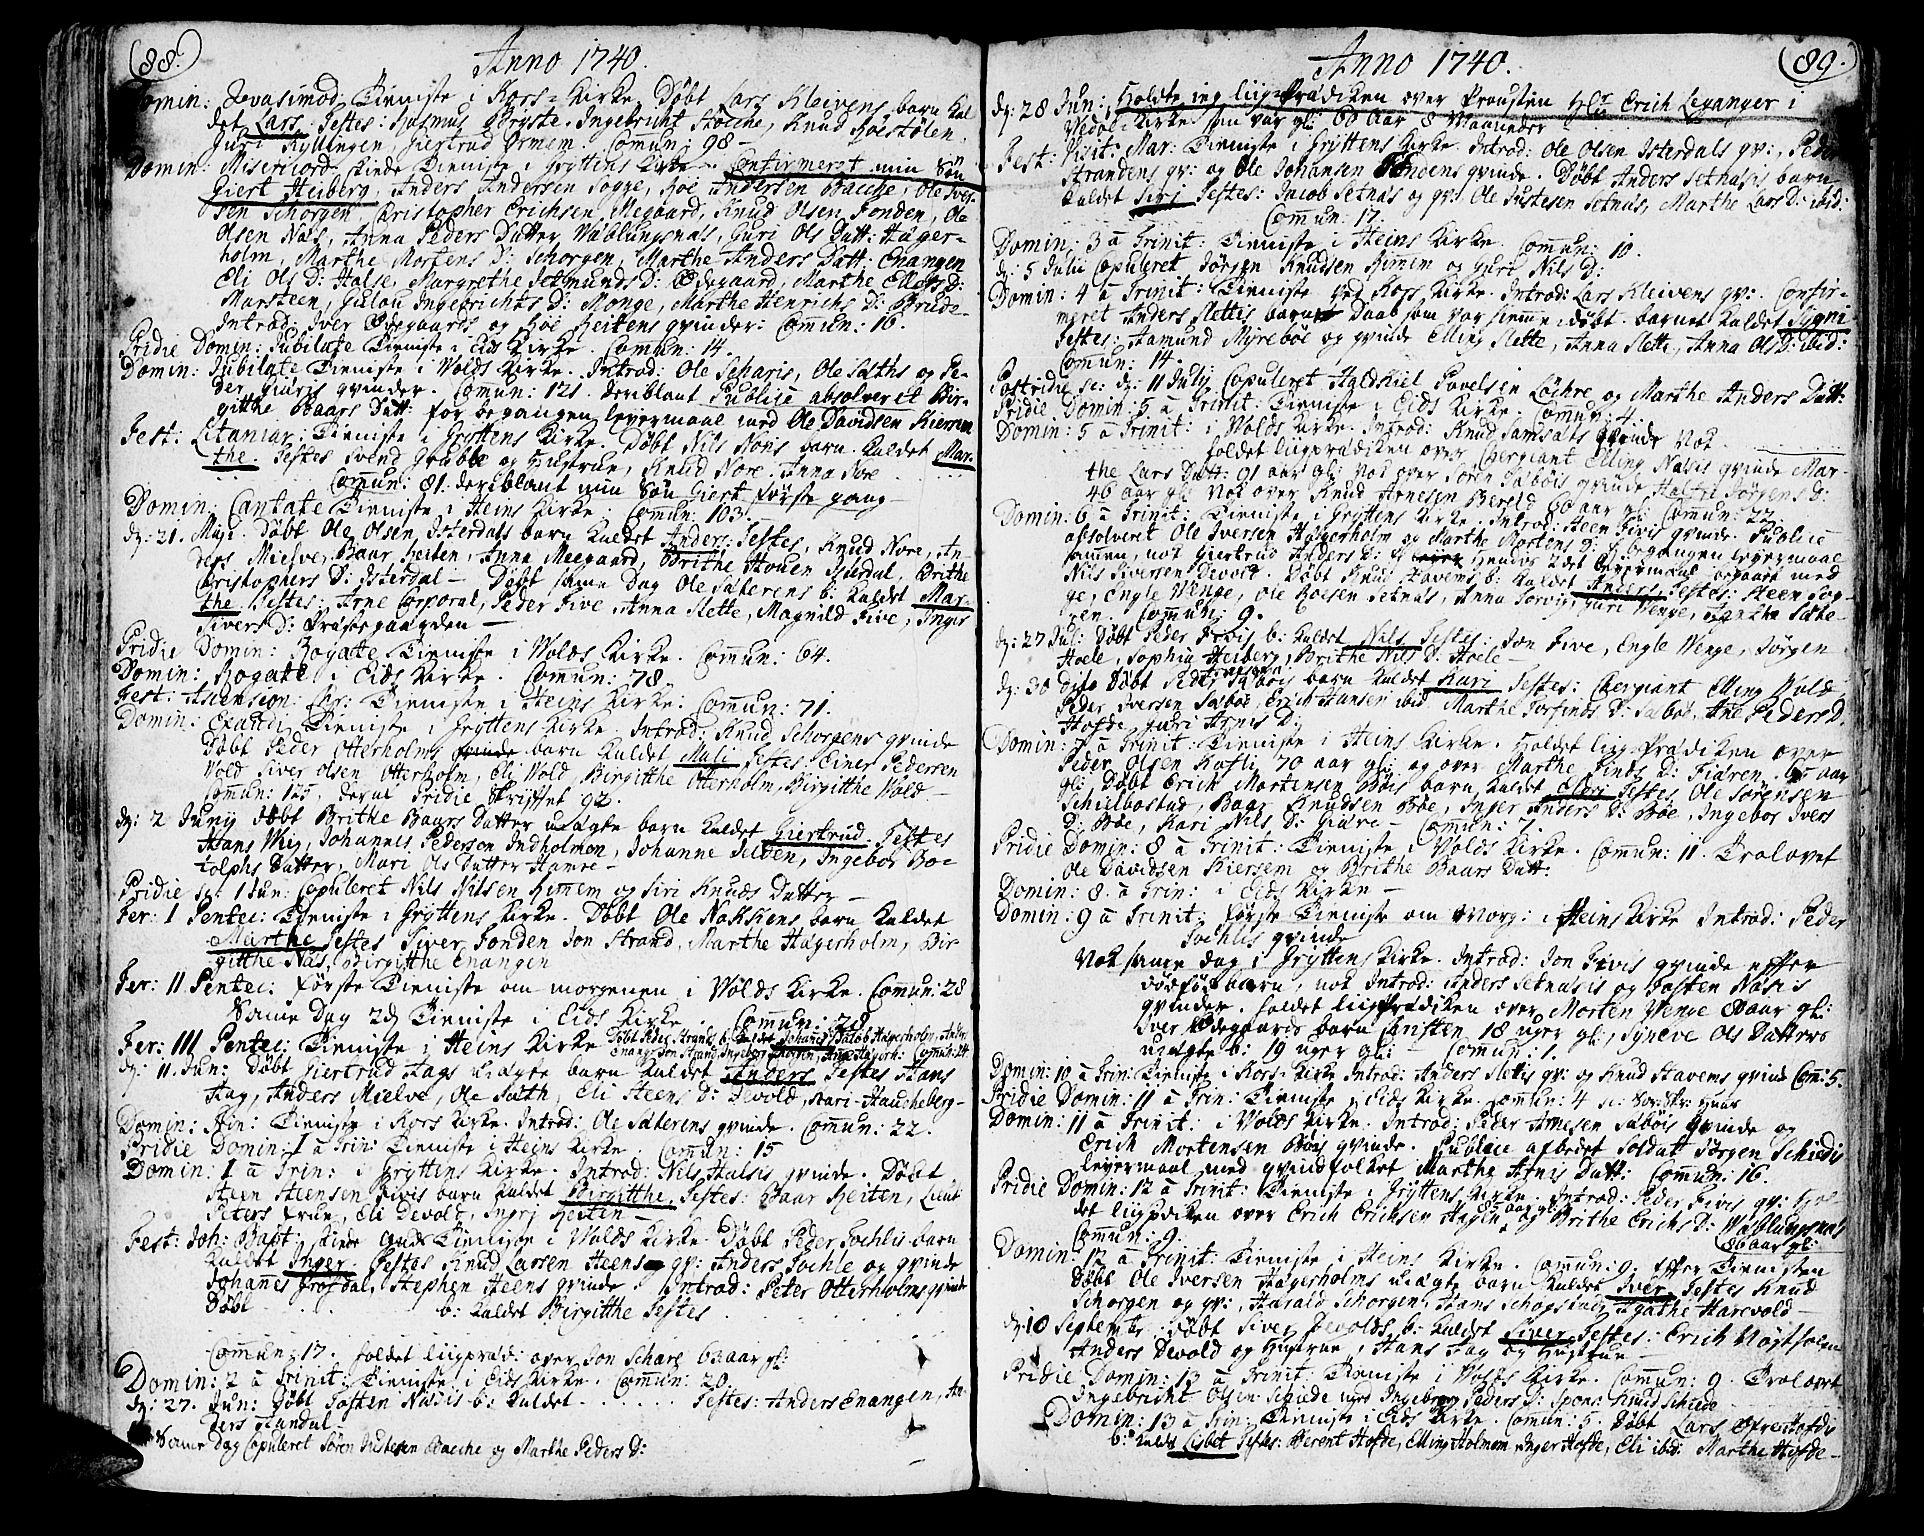 SAT, Ministerialprotokoller, klokkerbøker og fødselsregistre - Møre og Romsdal, 544/L0568: Ministerialbok nr. 544A01, 1725-1763, s. 88-89